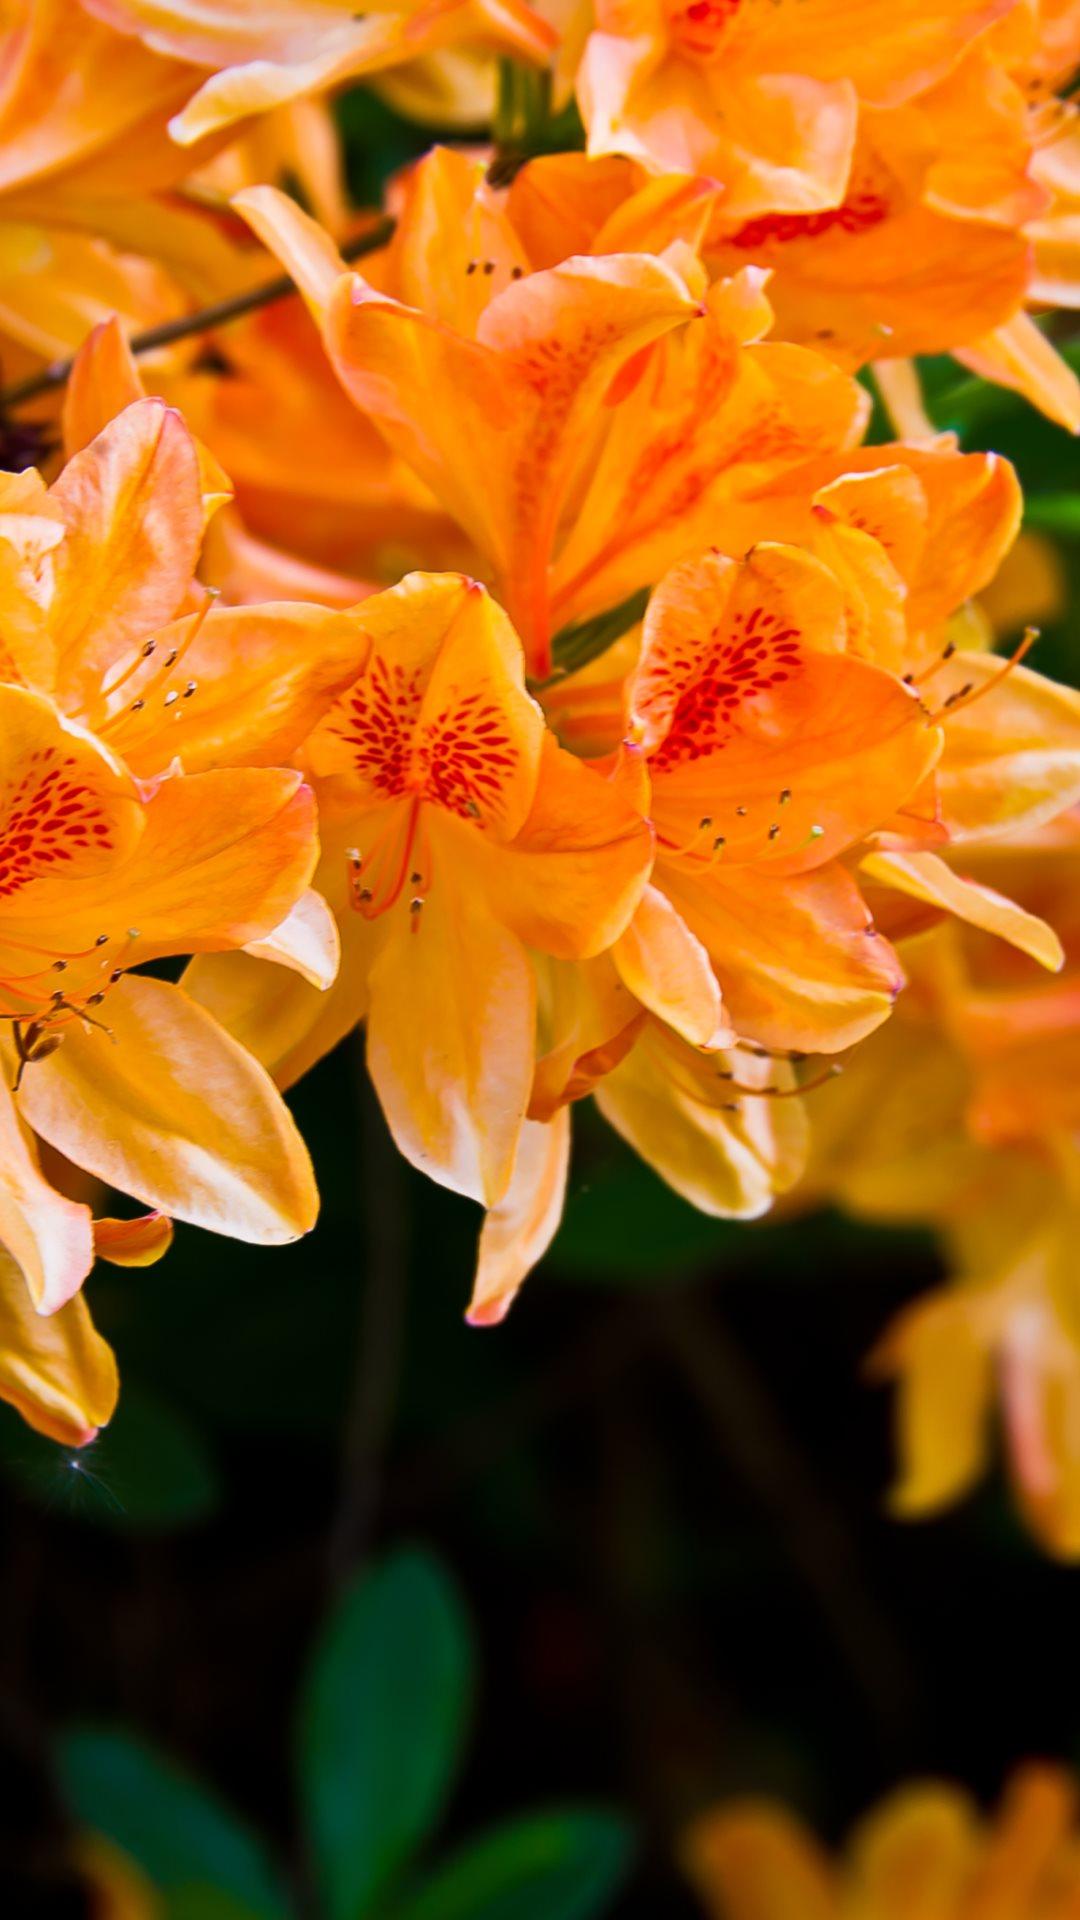 Fondo de pantalla con flores naranjas